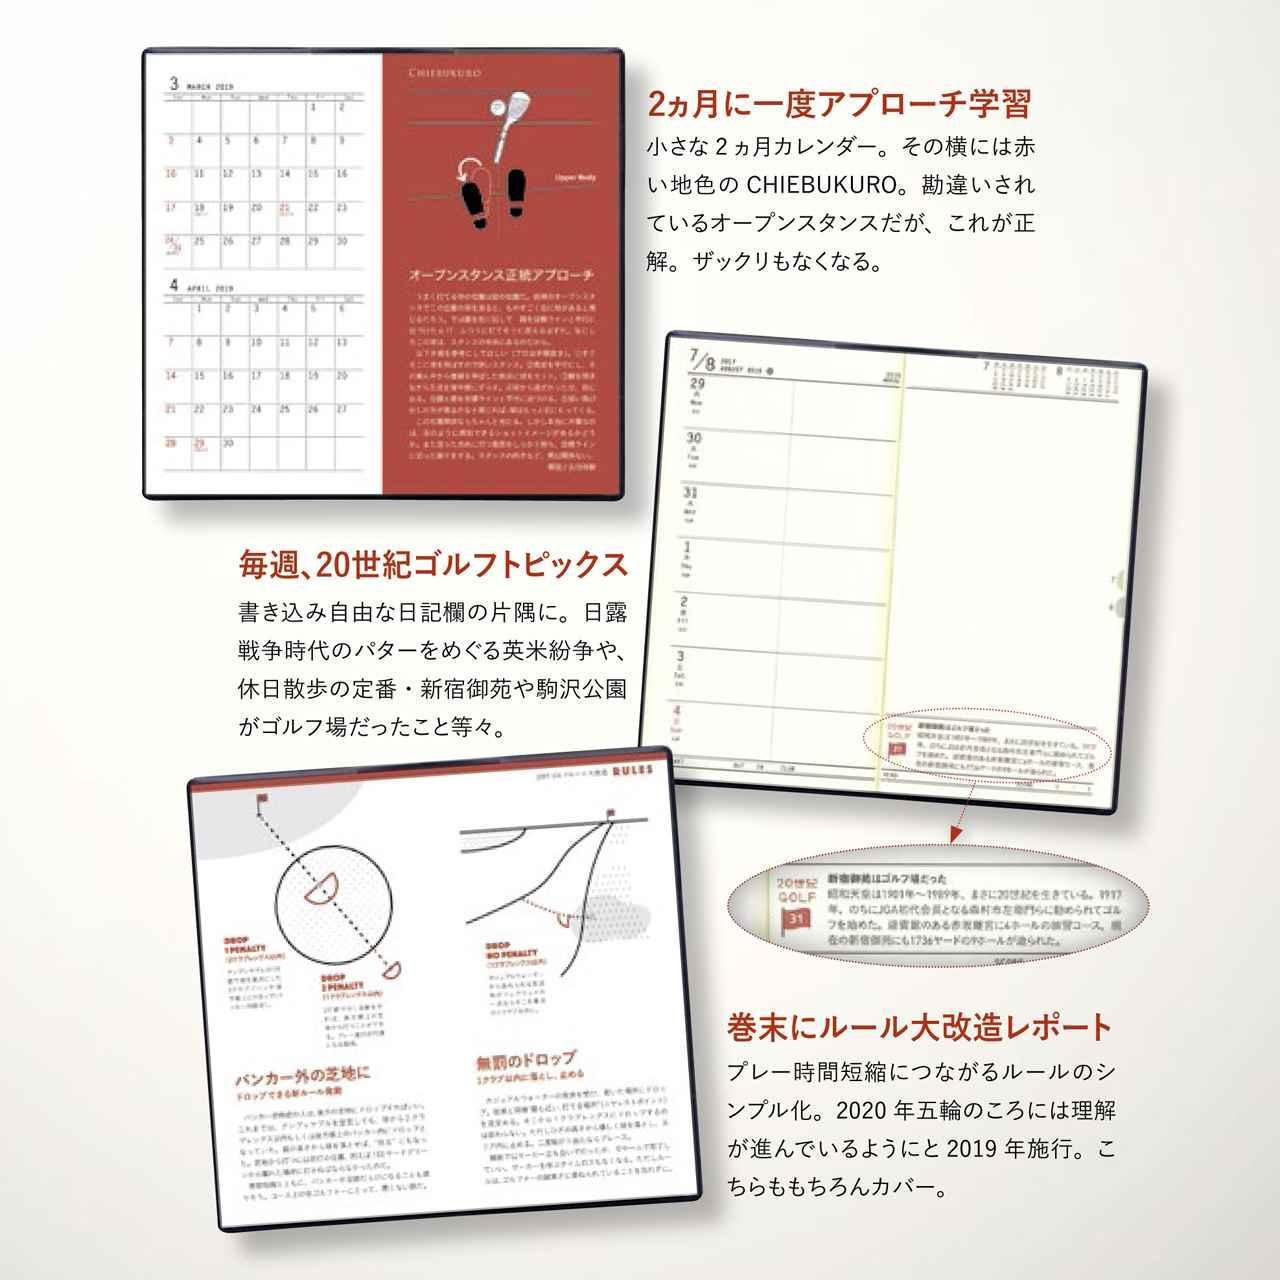 画像2: 「ゴルファーズ ポケットダイアリー2019」ポケットサイズのビジネス手帳